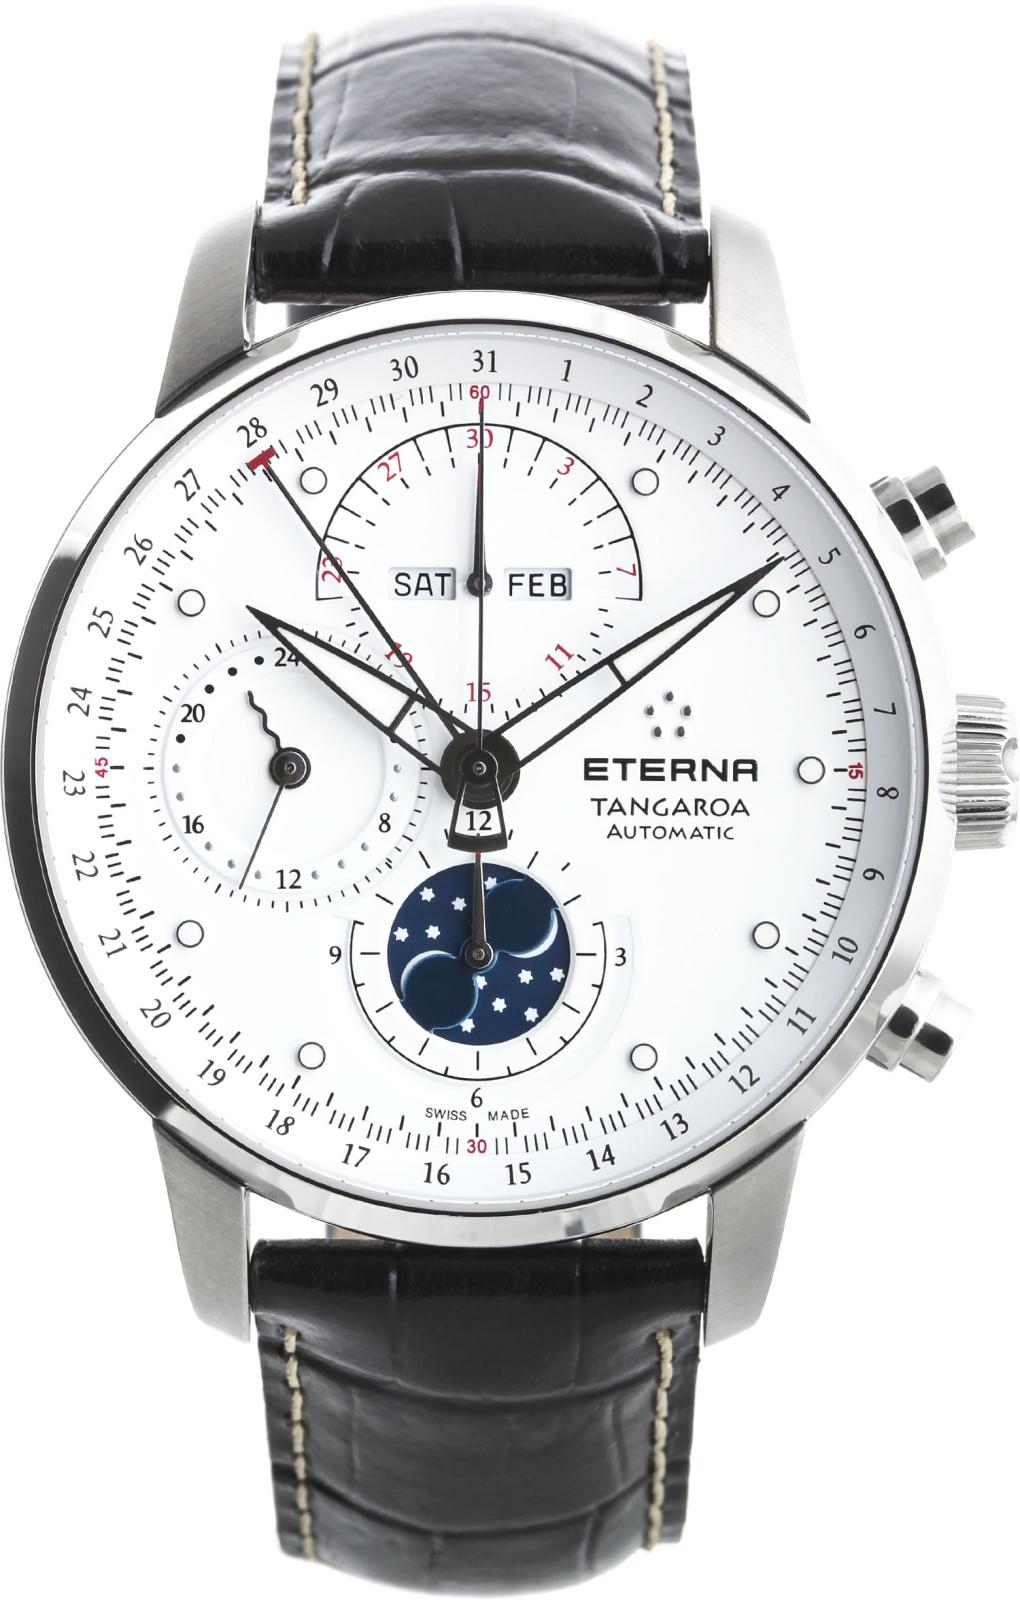 Eterna Tangaroa 2949.41.66.1261Наручные часы<br>Швейцарские часы Eterna Tangaroa 2949.41.66.1261Данная модель — яркий представитель коллекции Tangaroa. Это настоящие мужские часы. Материал корпуса часов — сталь. В этих часах используется сапфировое стекло. Водозащита этих часов 50 м.<br><br>Пол: Мужские<br>Страна-производитель: Швейцария<br>Механизм: Механический<br>Материал корпуса: Сталь<br>Материал ремня/браслета: Кожа<br>Водозащита, диапазон: 20 - 100 м<br>Стекло: Сапфировое<br>Толщина корпуса: None<br>Стиль: None